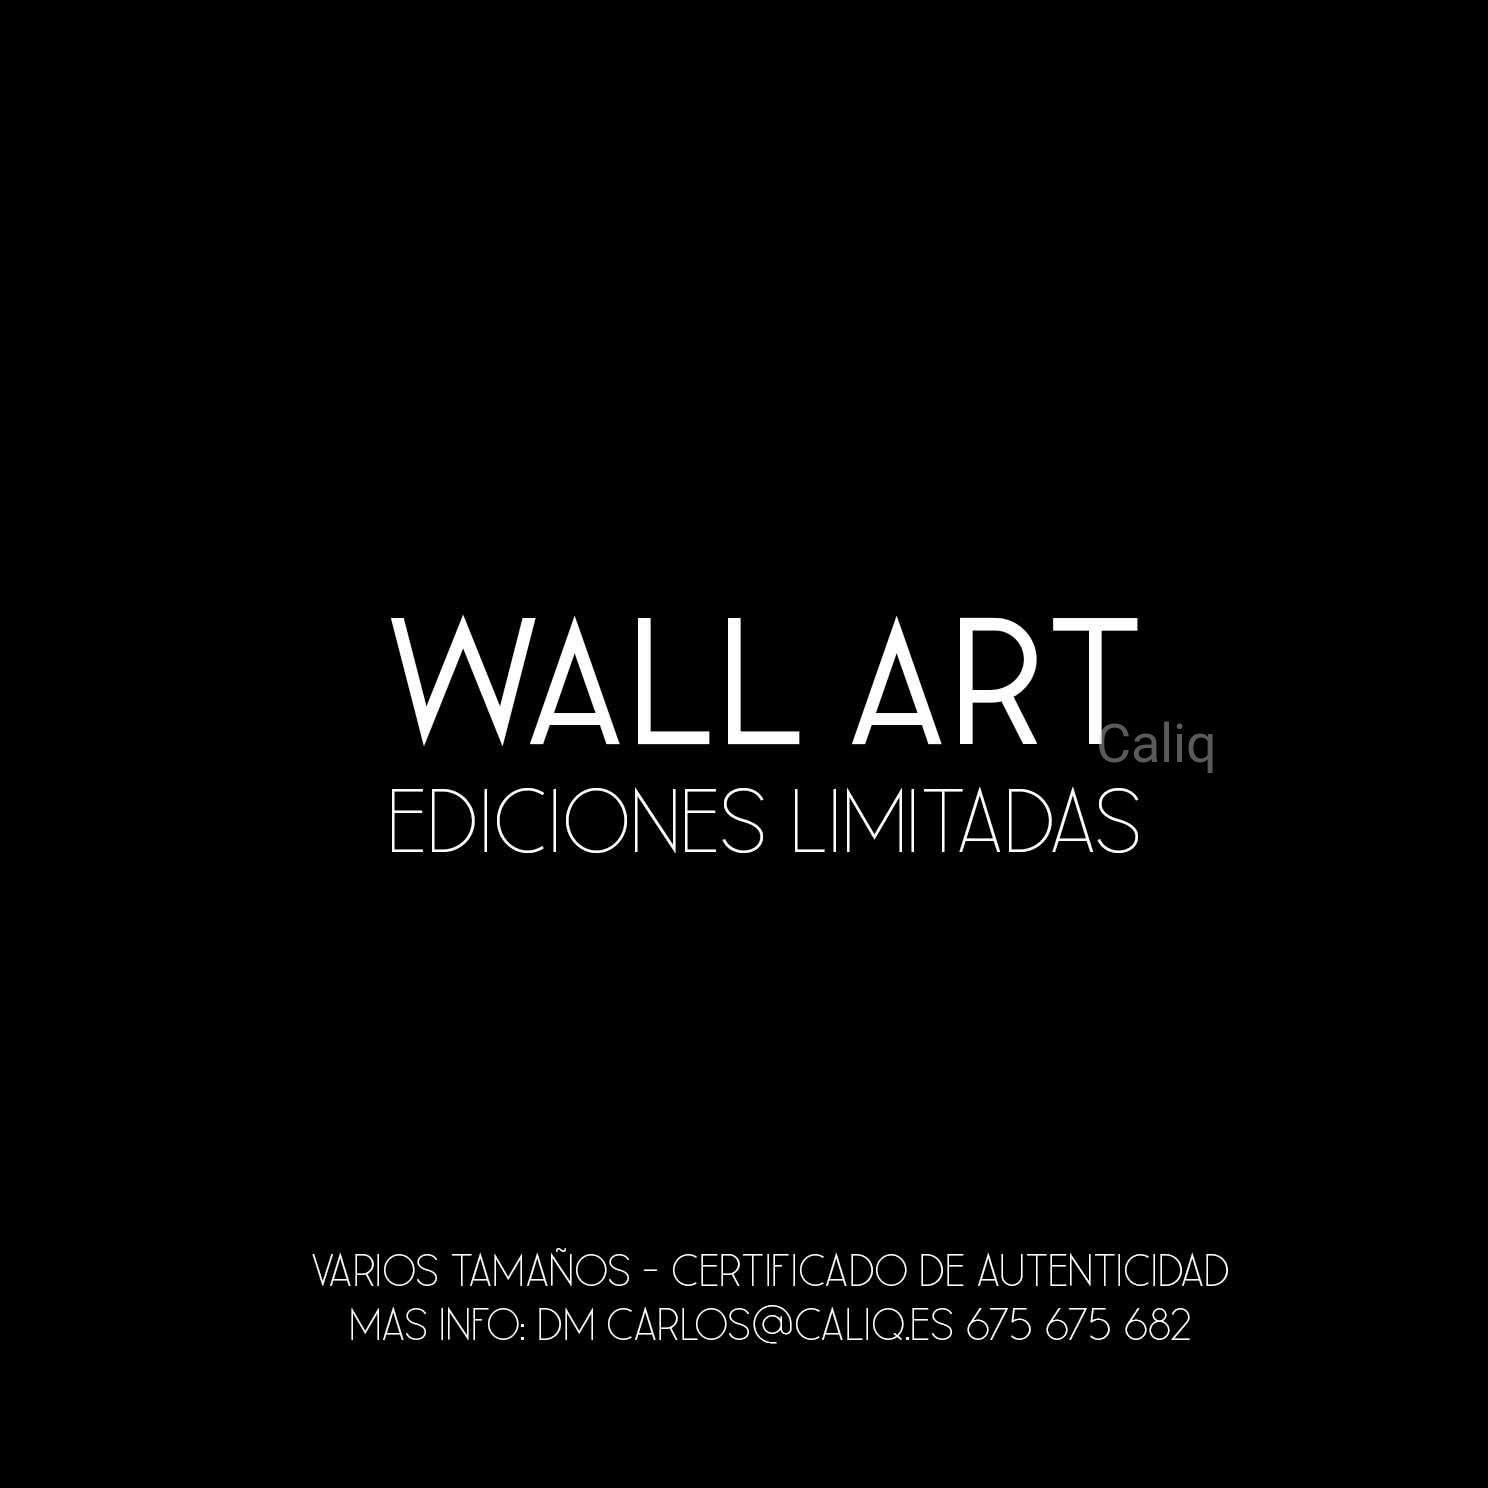 wallartcaliq1